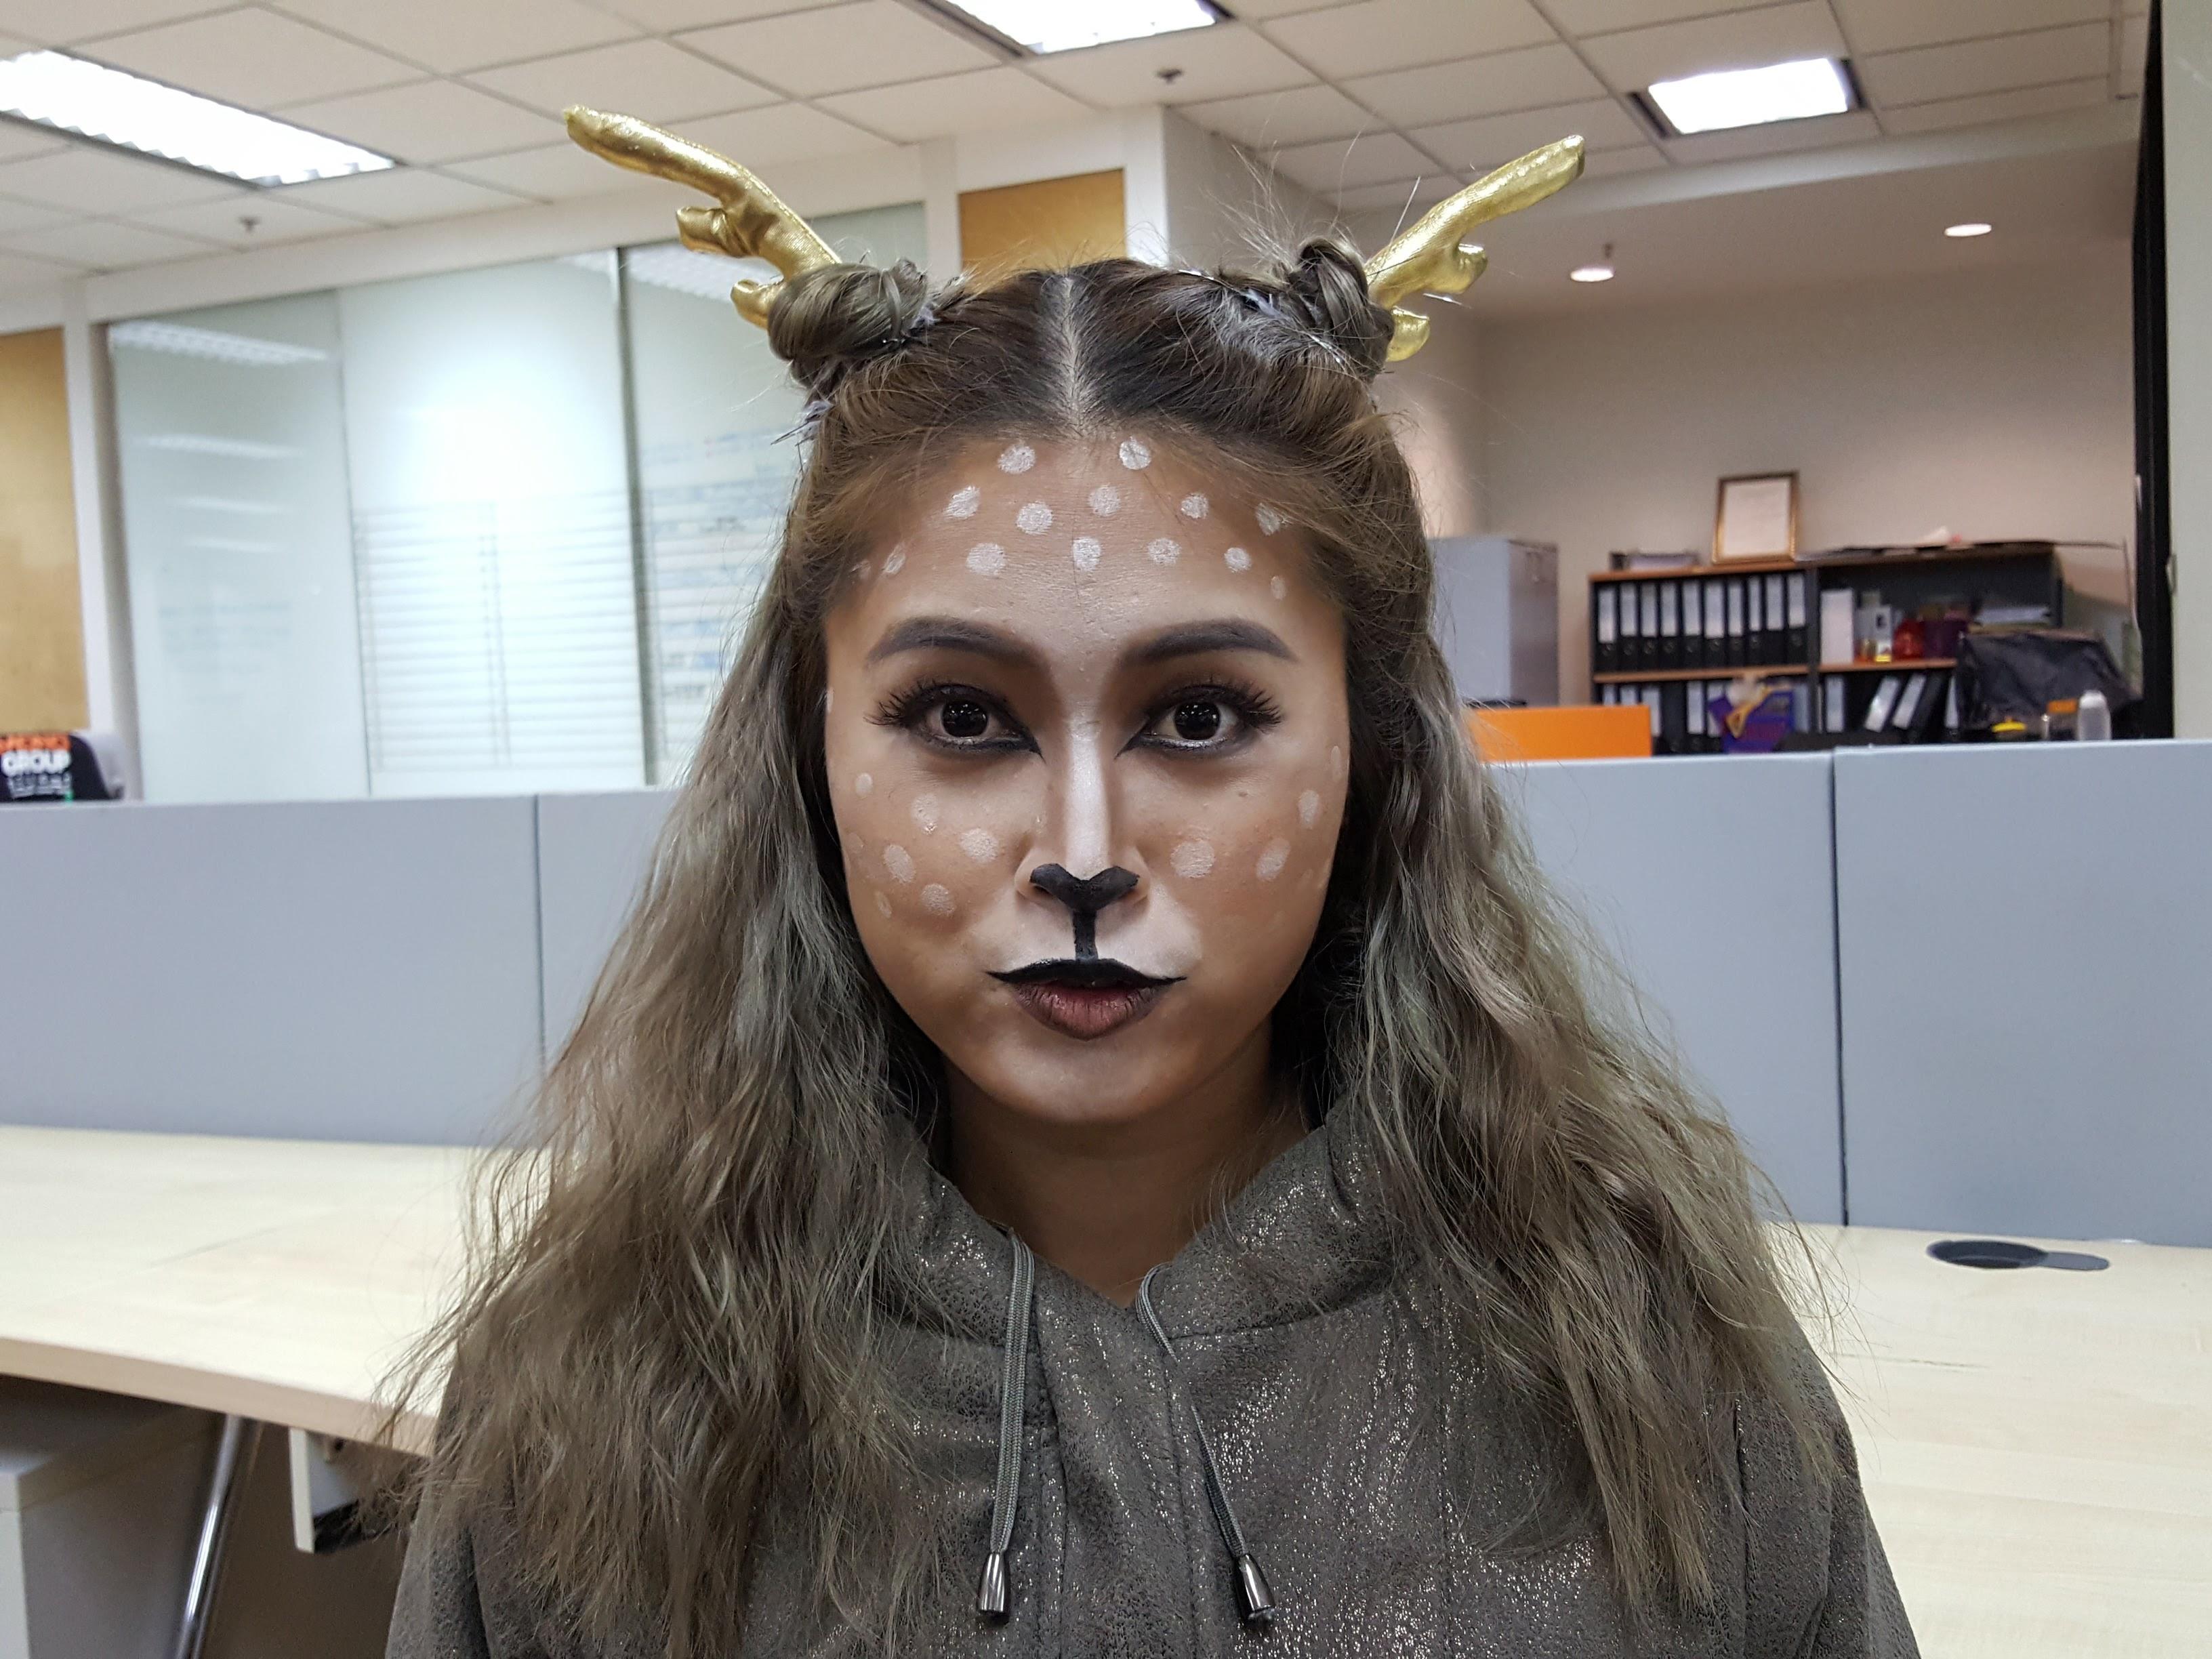 deer makeup tutorial รีวิวแต่งหน้า ฮาโลวีน แต่งหน้าผี